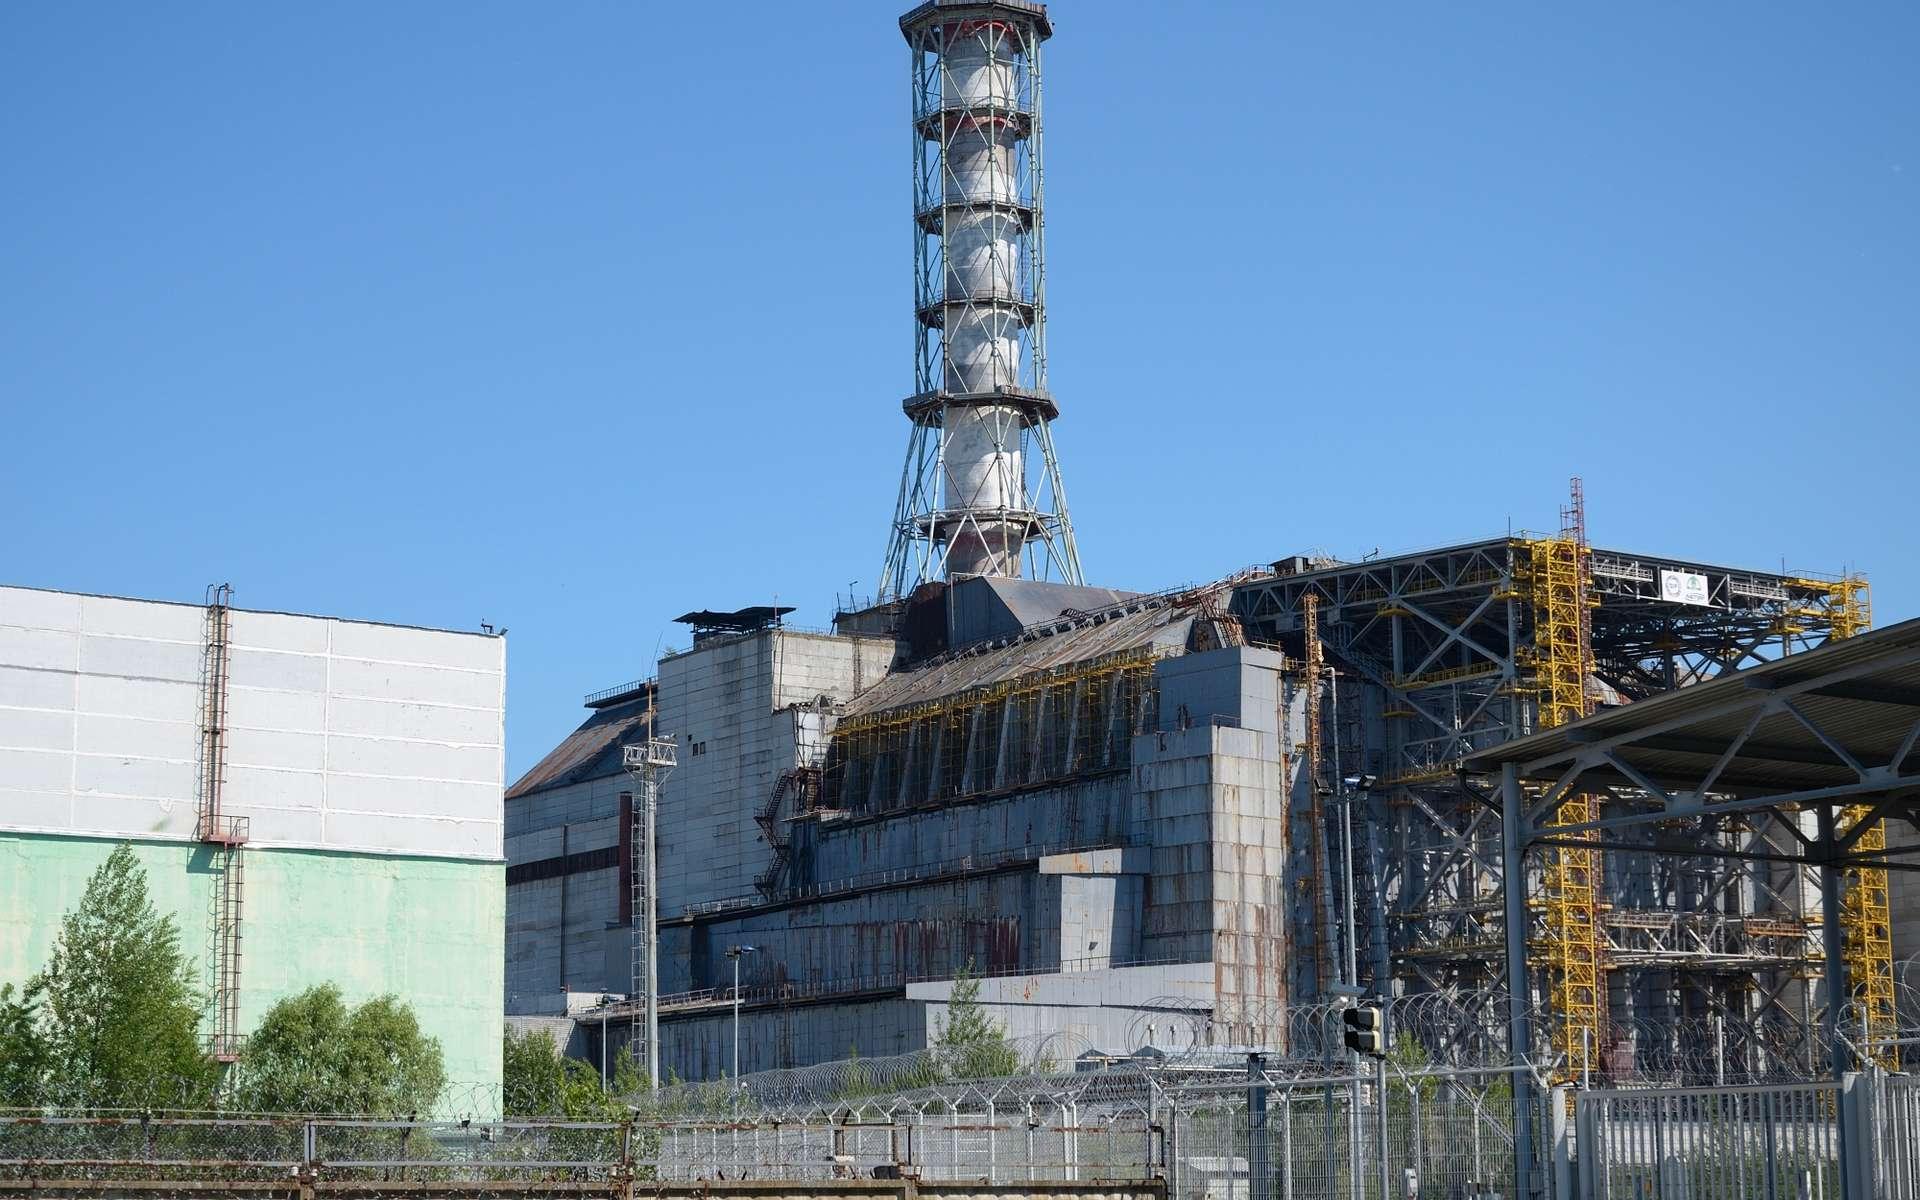 Le mois d'avril 1986 se terminait bien mais au nord de l'Ukraine, un réacteur nucléaire explosait près de Tchernobyl, ravageant la centrale, irradiant le secteur et expédiant des milliers de tonnes de poussières radioactives dans l'atmosphère. © Bkv7601, CC by-sa 3.0